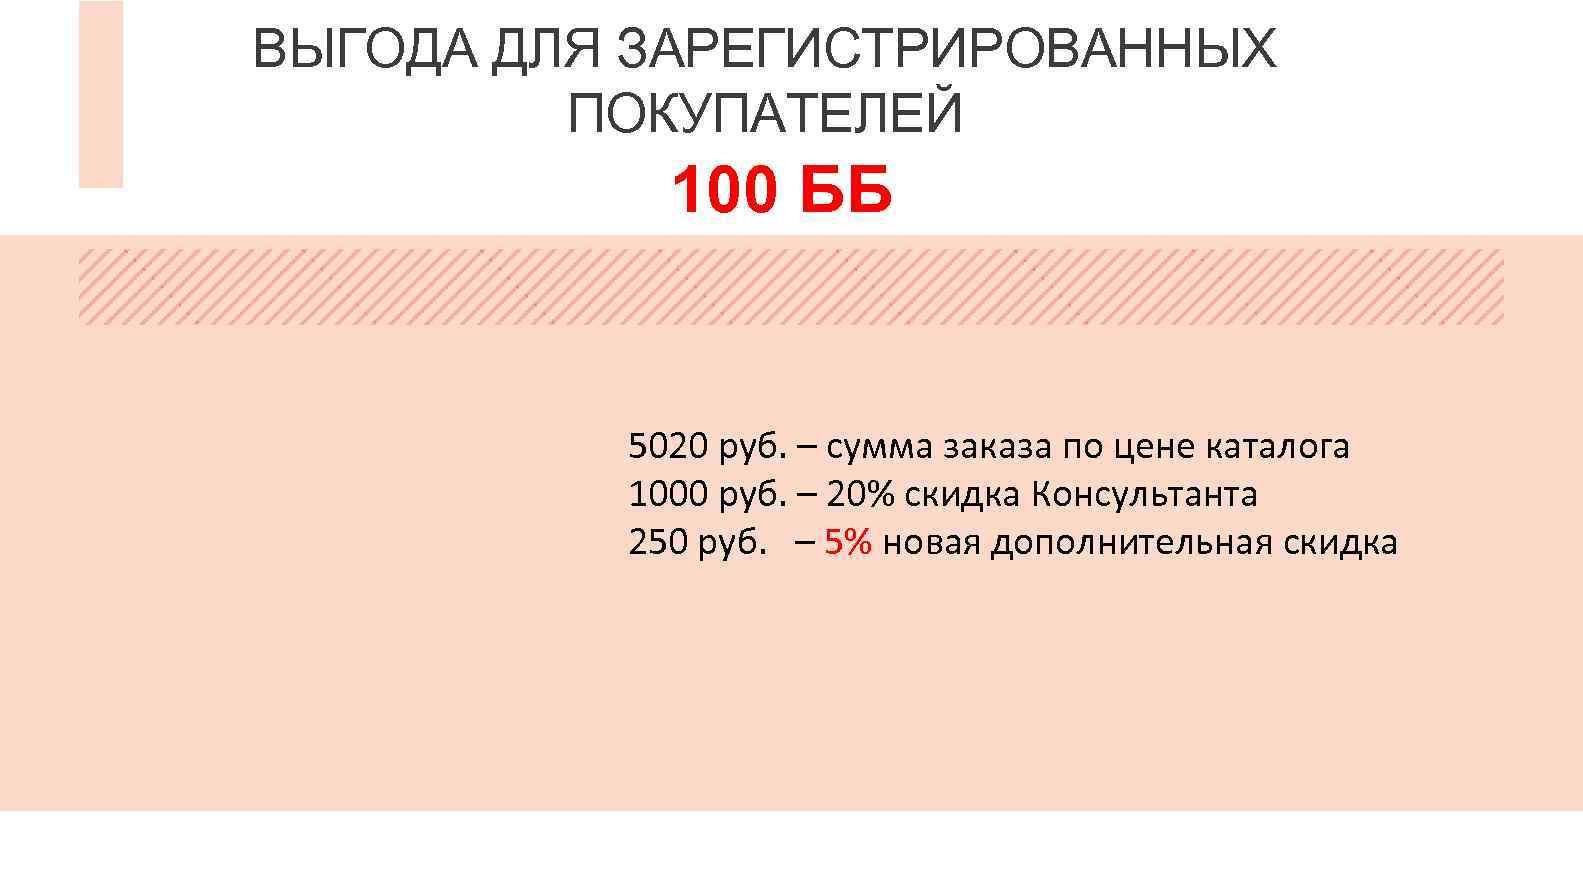 ВЫГОДА ДЛЯ ЗАРЕГИСТРИРОВАННЫХ ПОКУПАТЕЛЕЙ 100 ББ 5020 руб. – сумма заказа по цене каталога